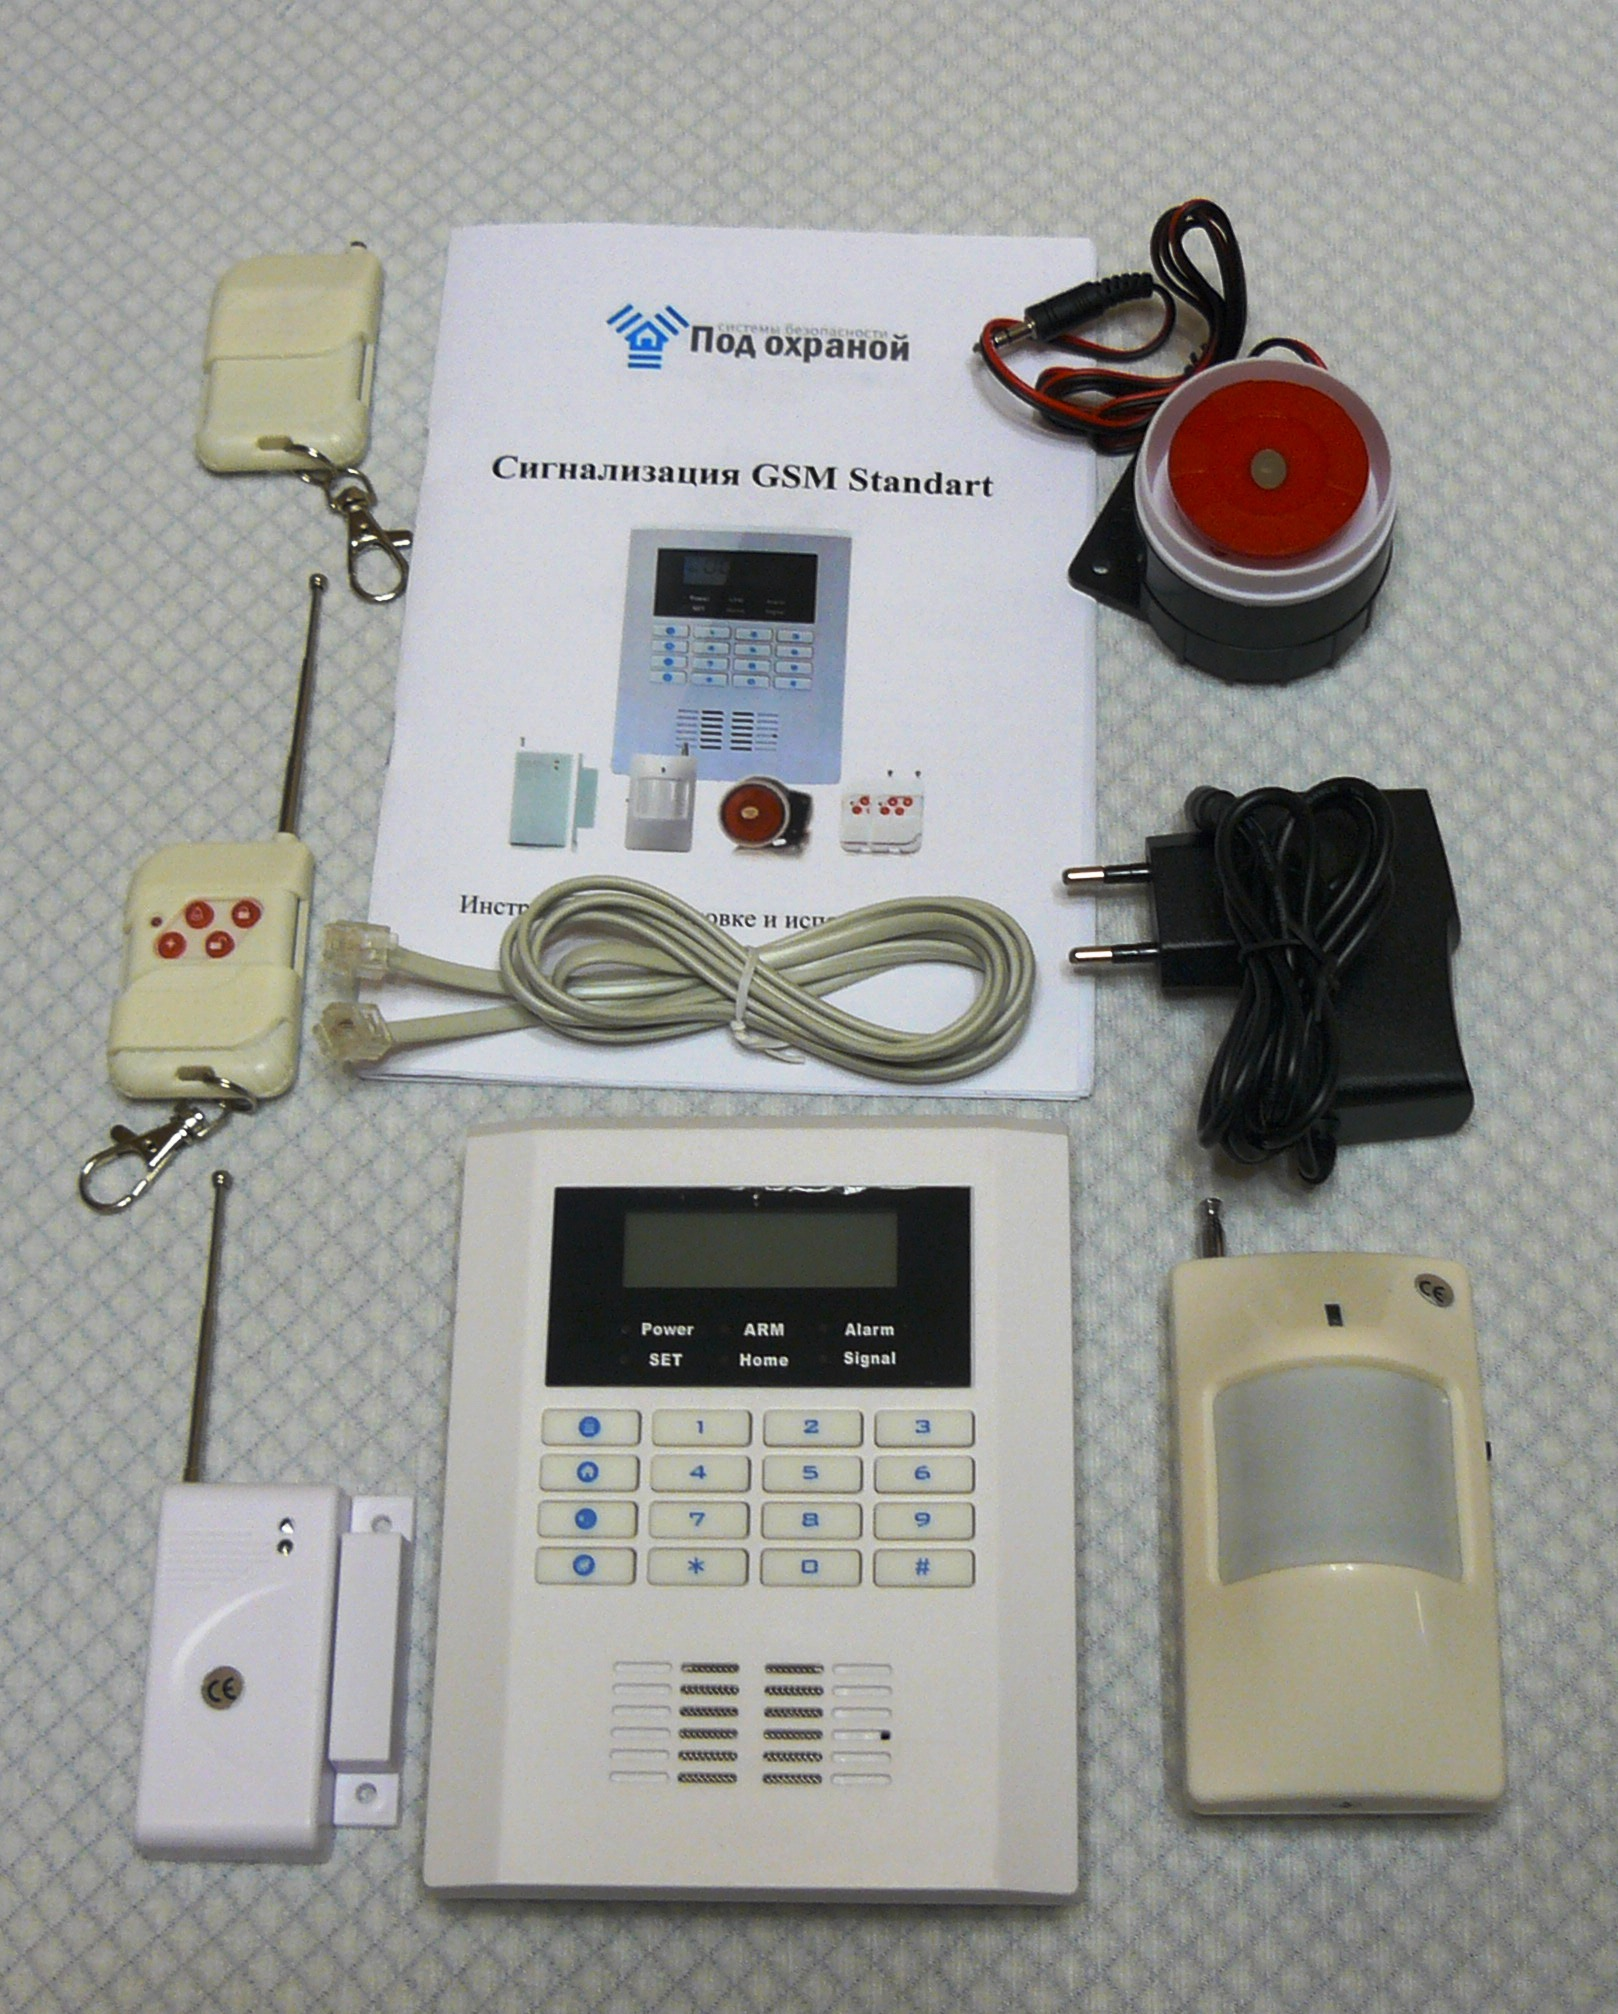 Сигнализация GSM Standart